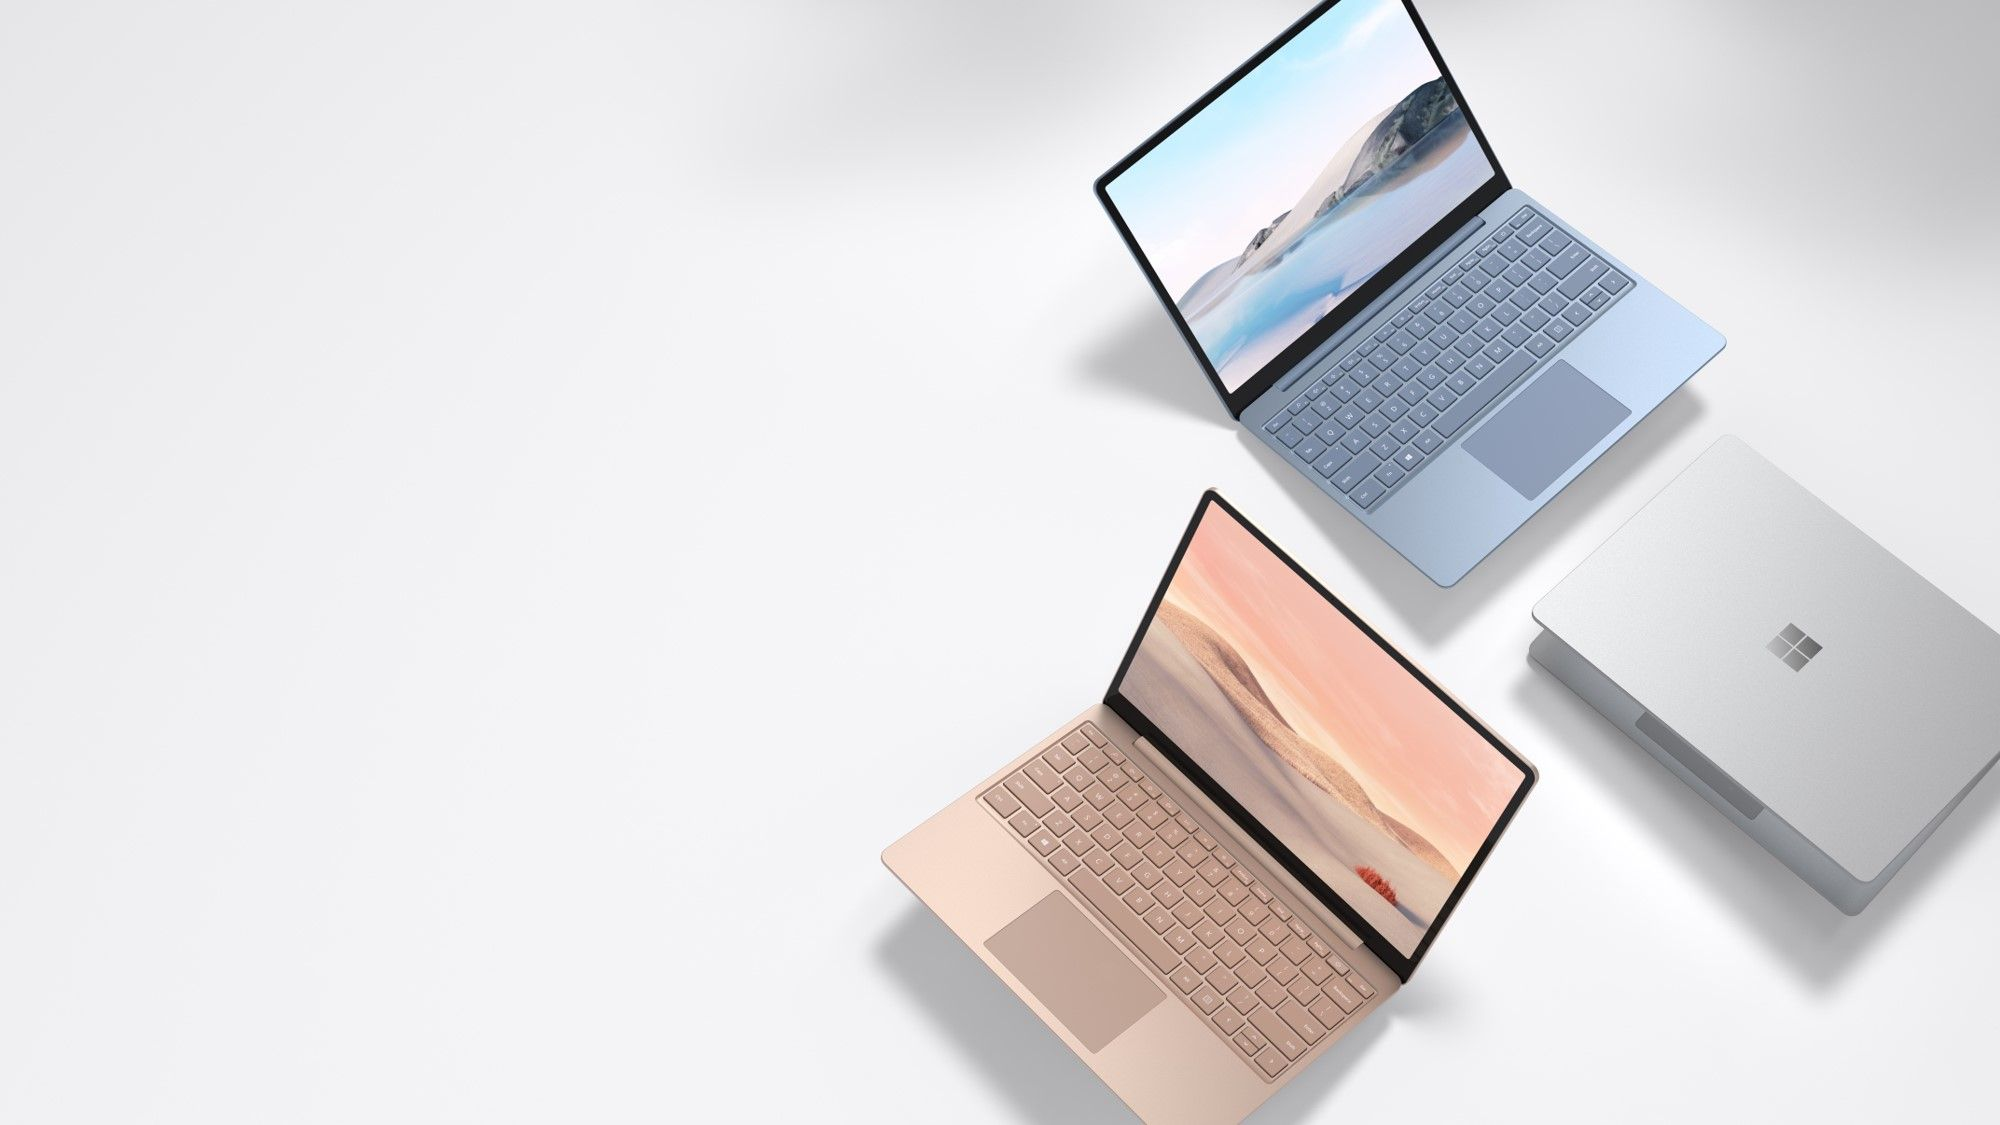 Die Surface Laptop Go Devices in Eisblau, Sandstein und Platin sind nebeneinander in verschiedenen Modi auf einem grauen Untergrund platziert.